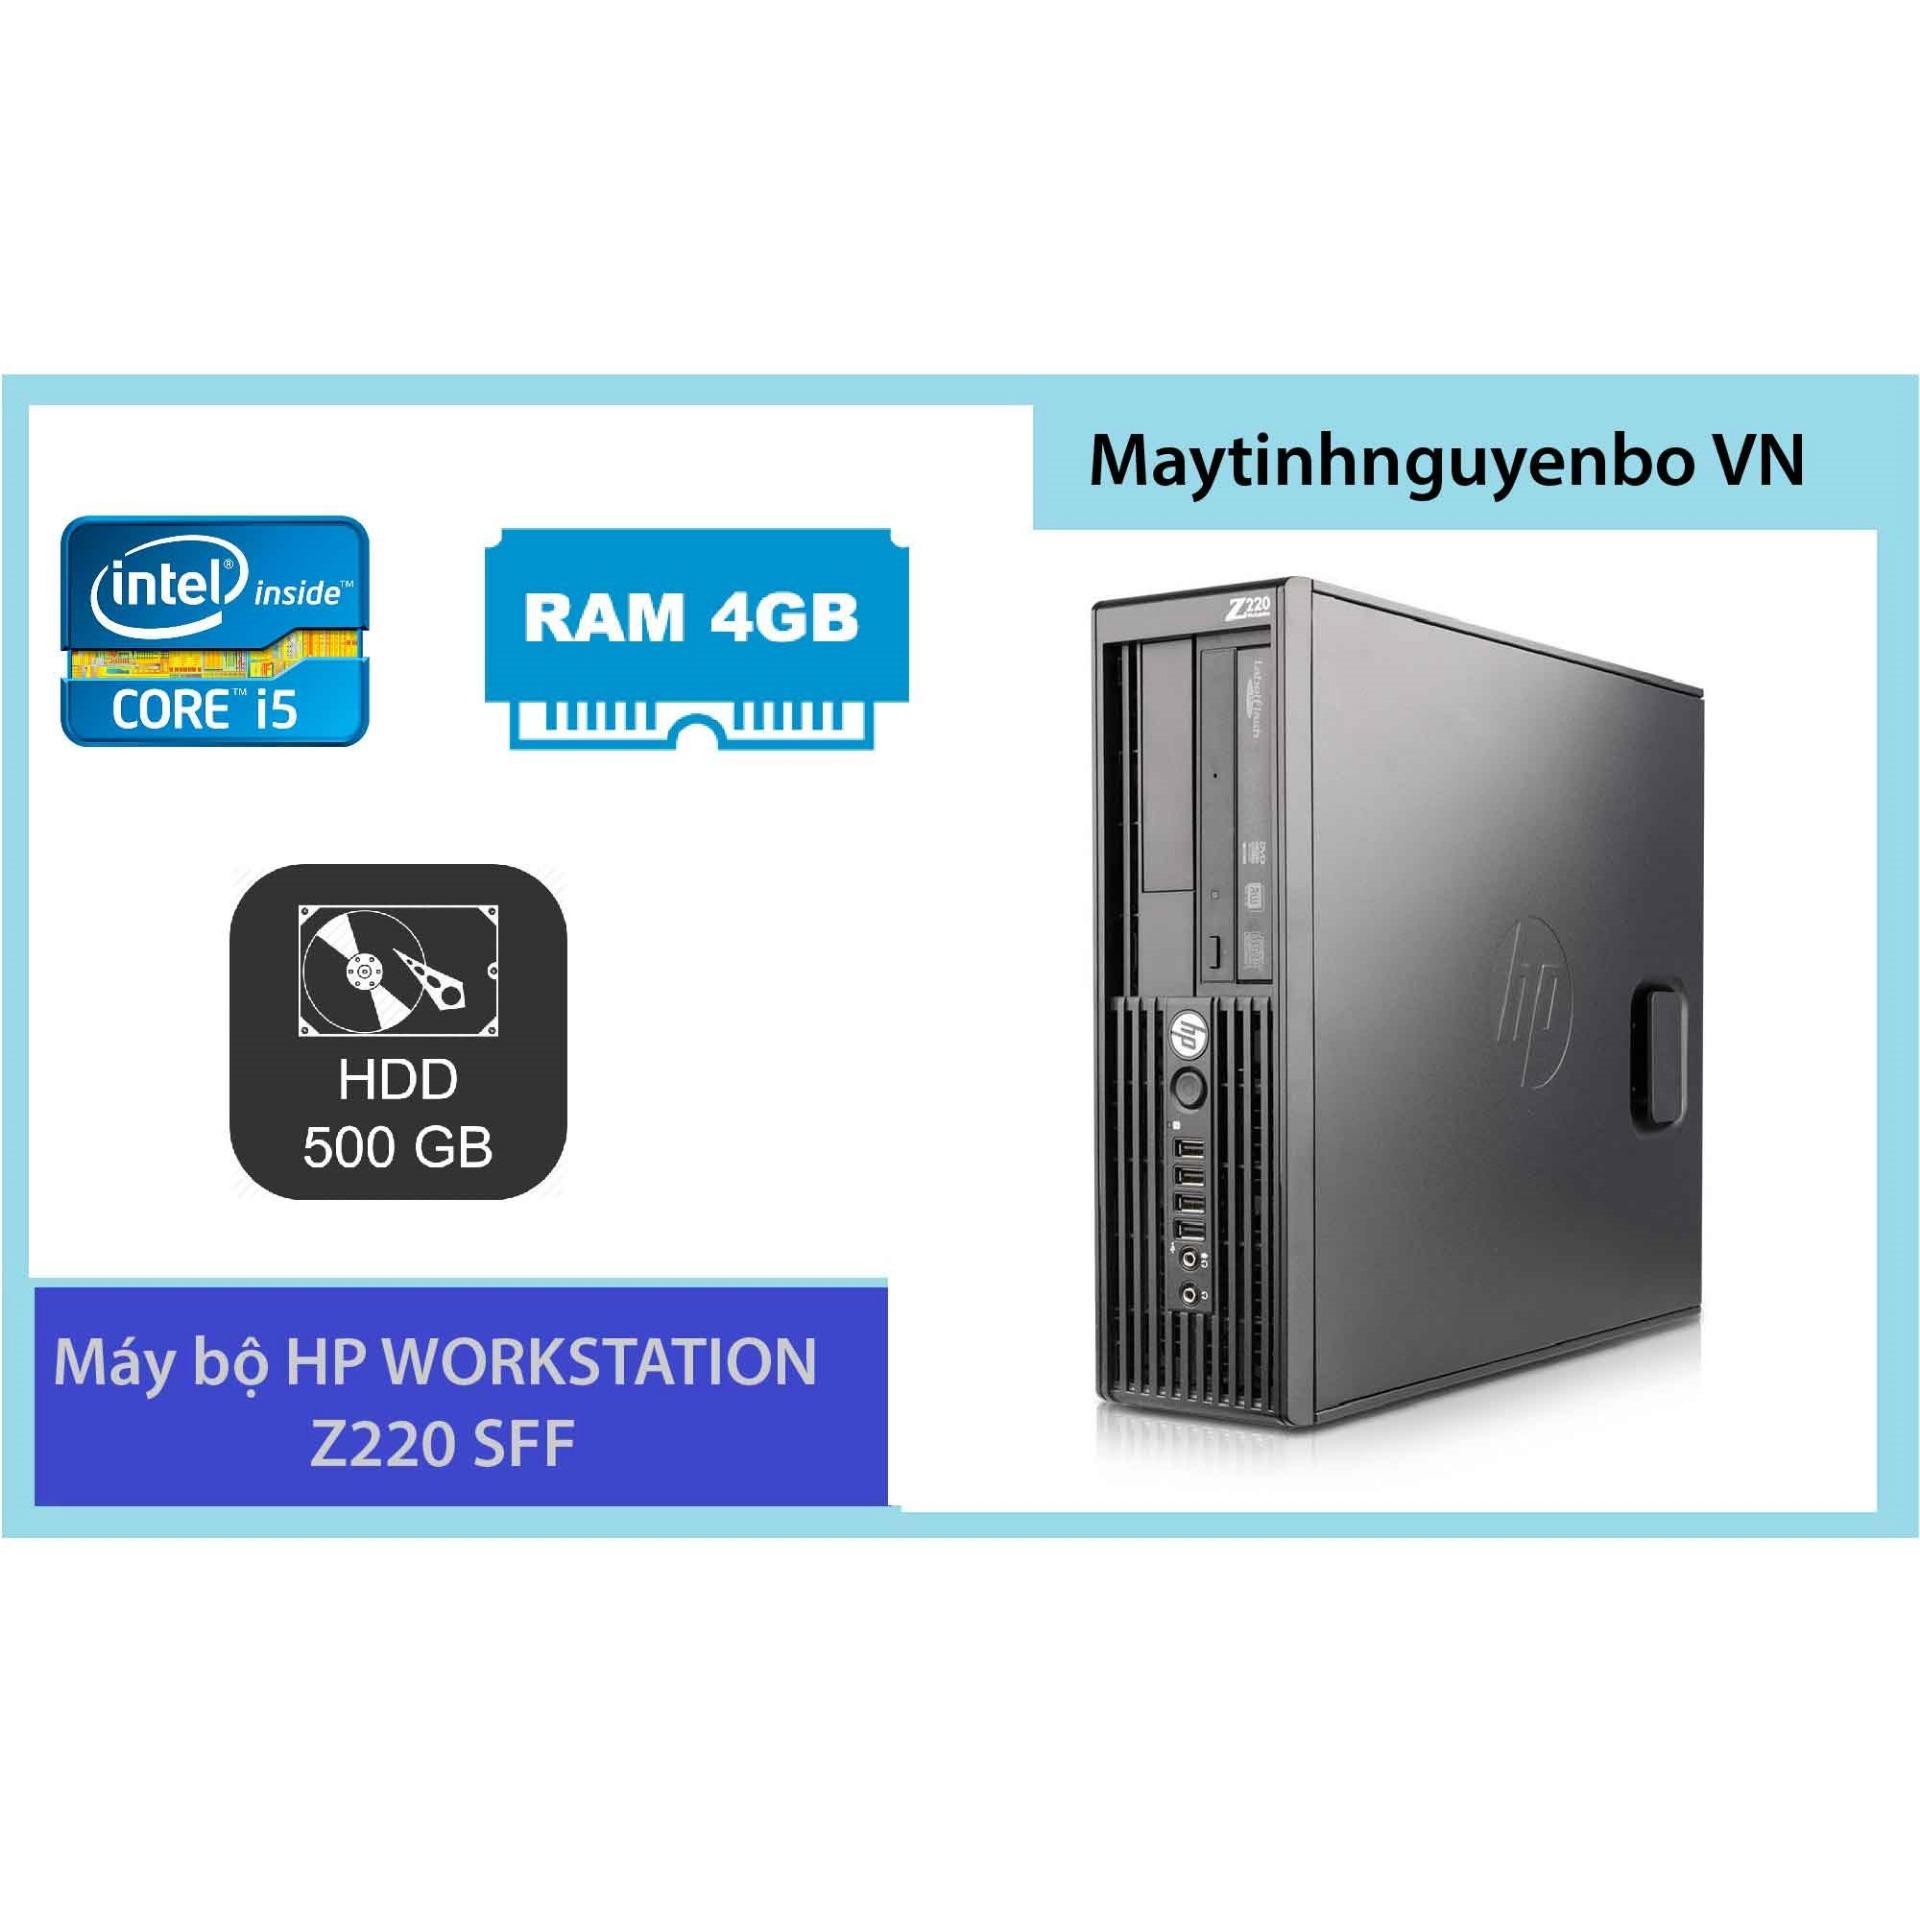 Hình ảnh Máy Tính Đồng Bộ HP WORKSTATION Z220 SFF Core I5 3470 Ram 4GB HDD 500GB